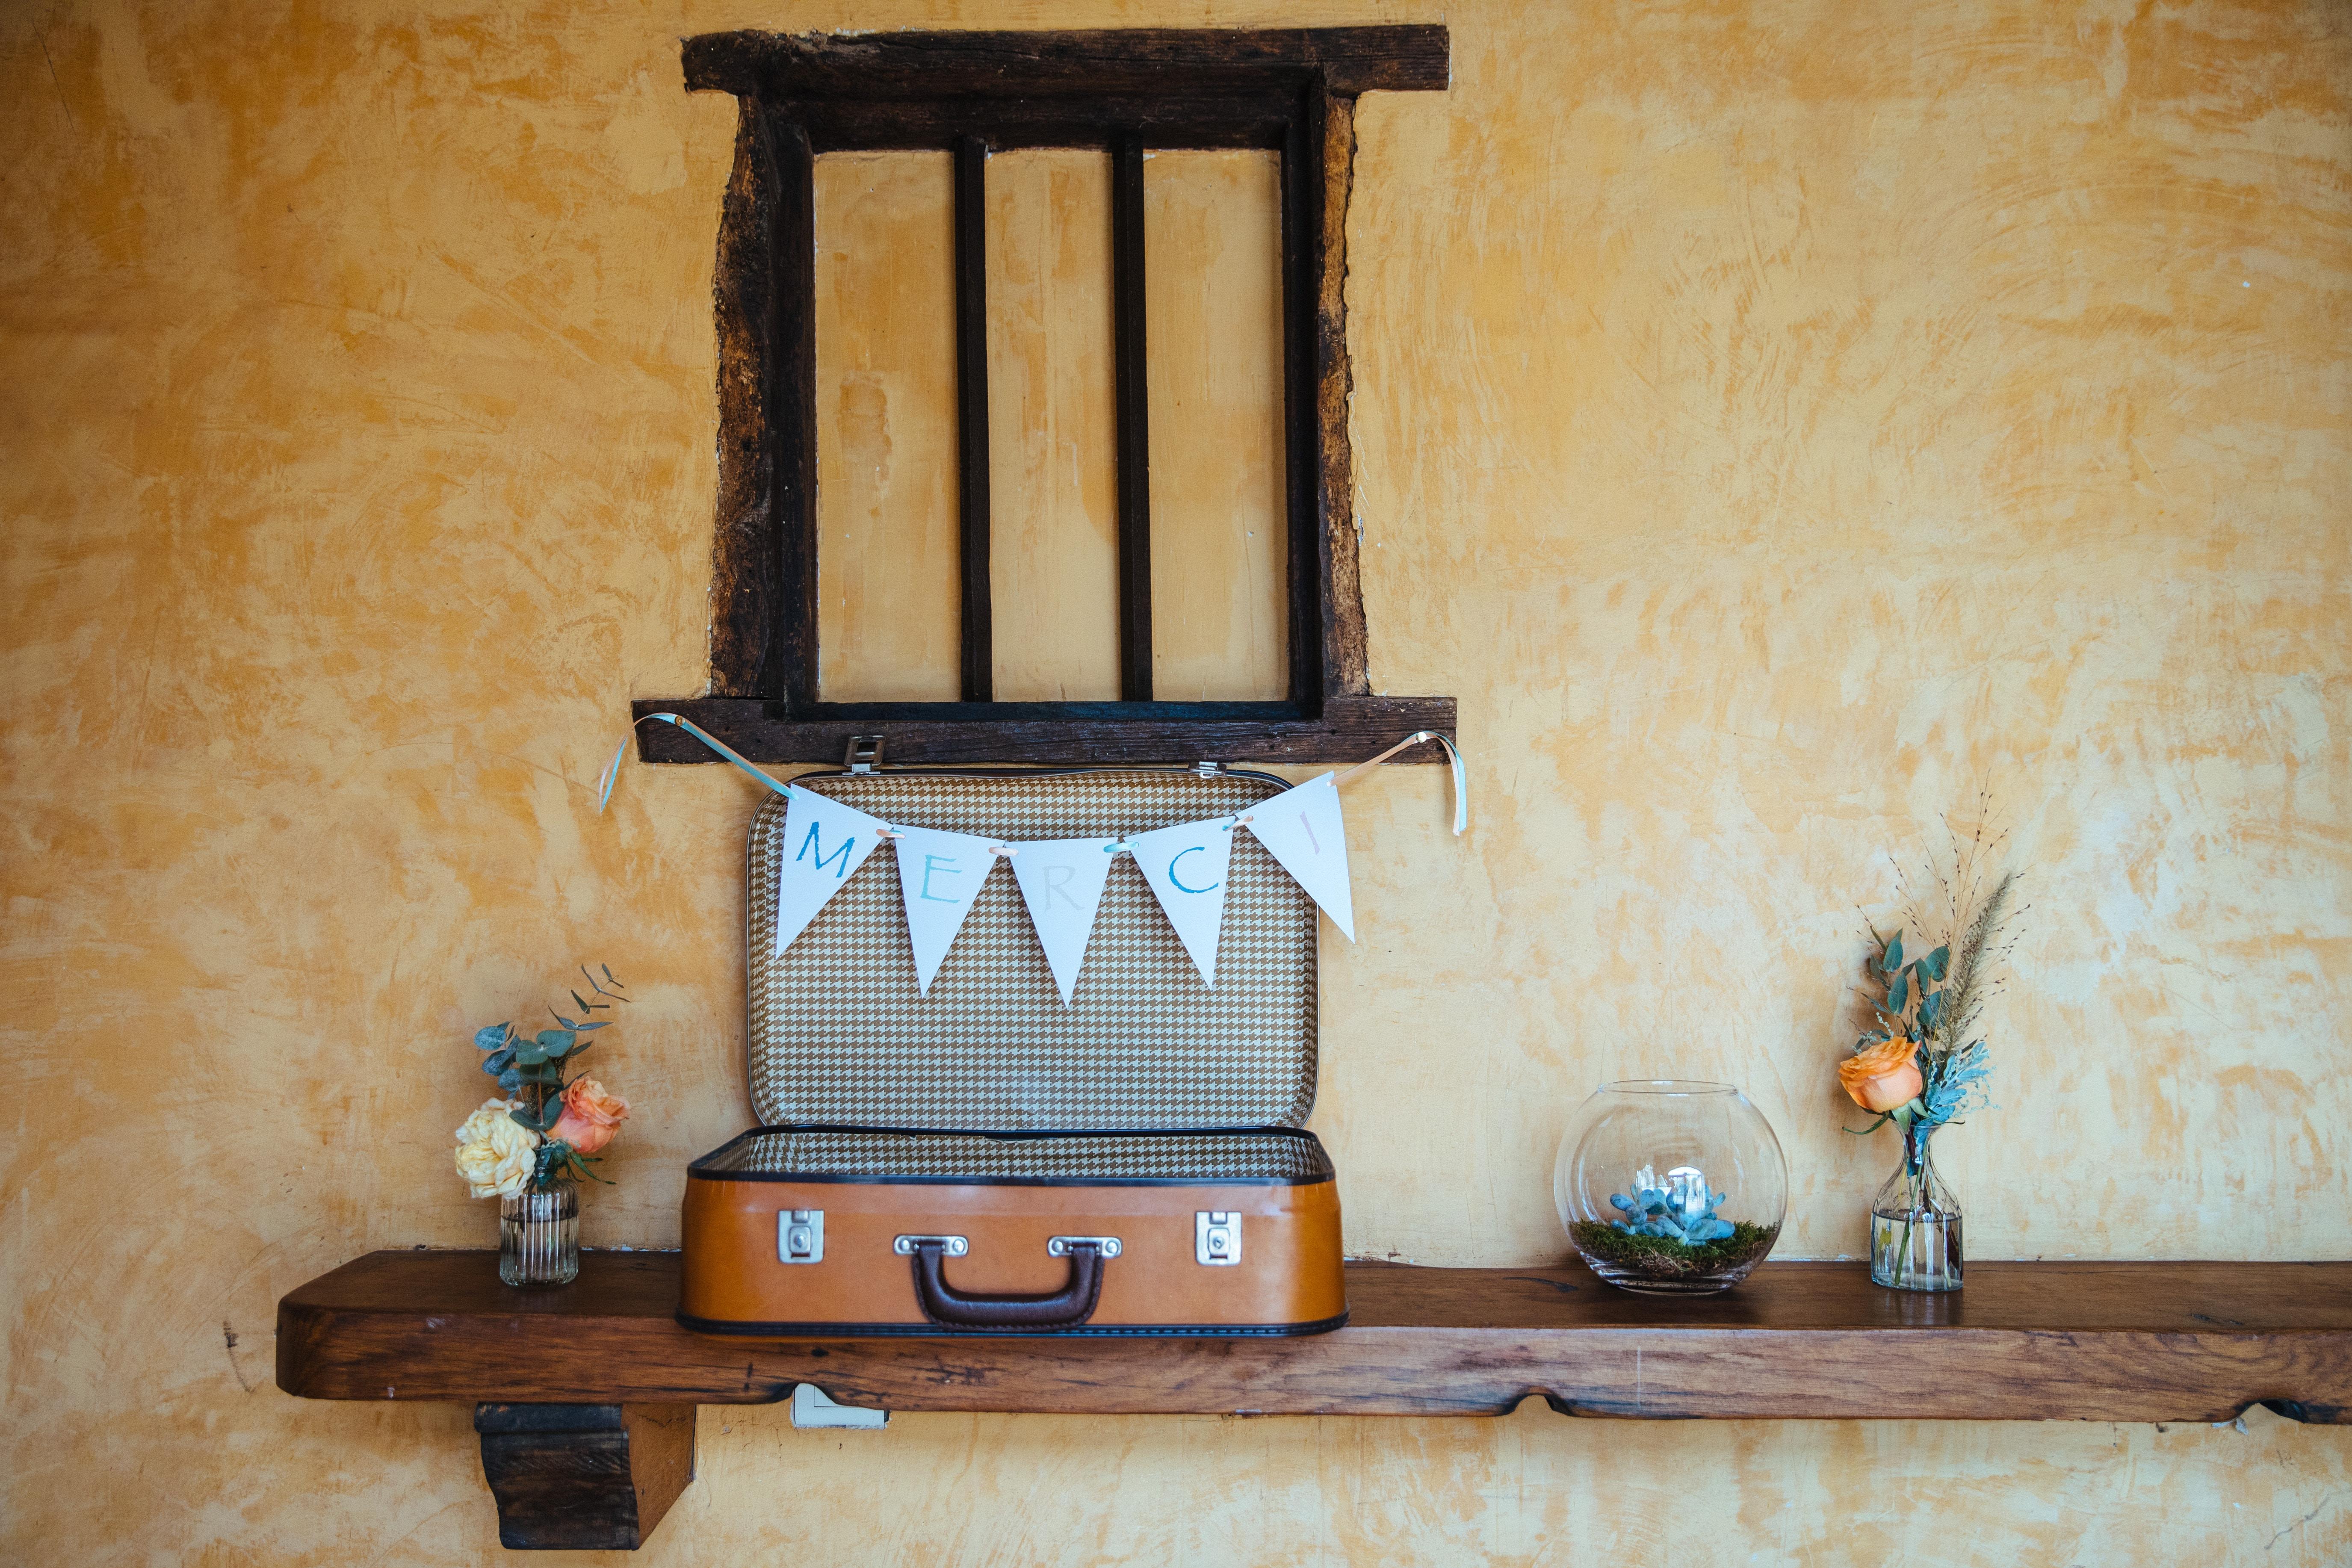 décoration de mariage orange - livre d'or - urne - valise ancienne - guirlande de fanions